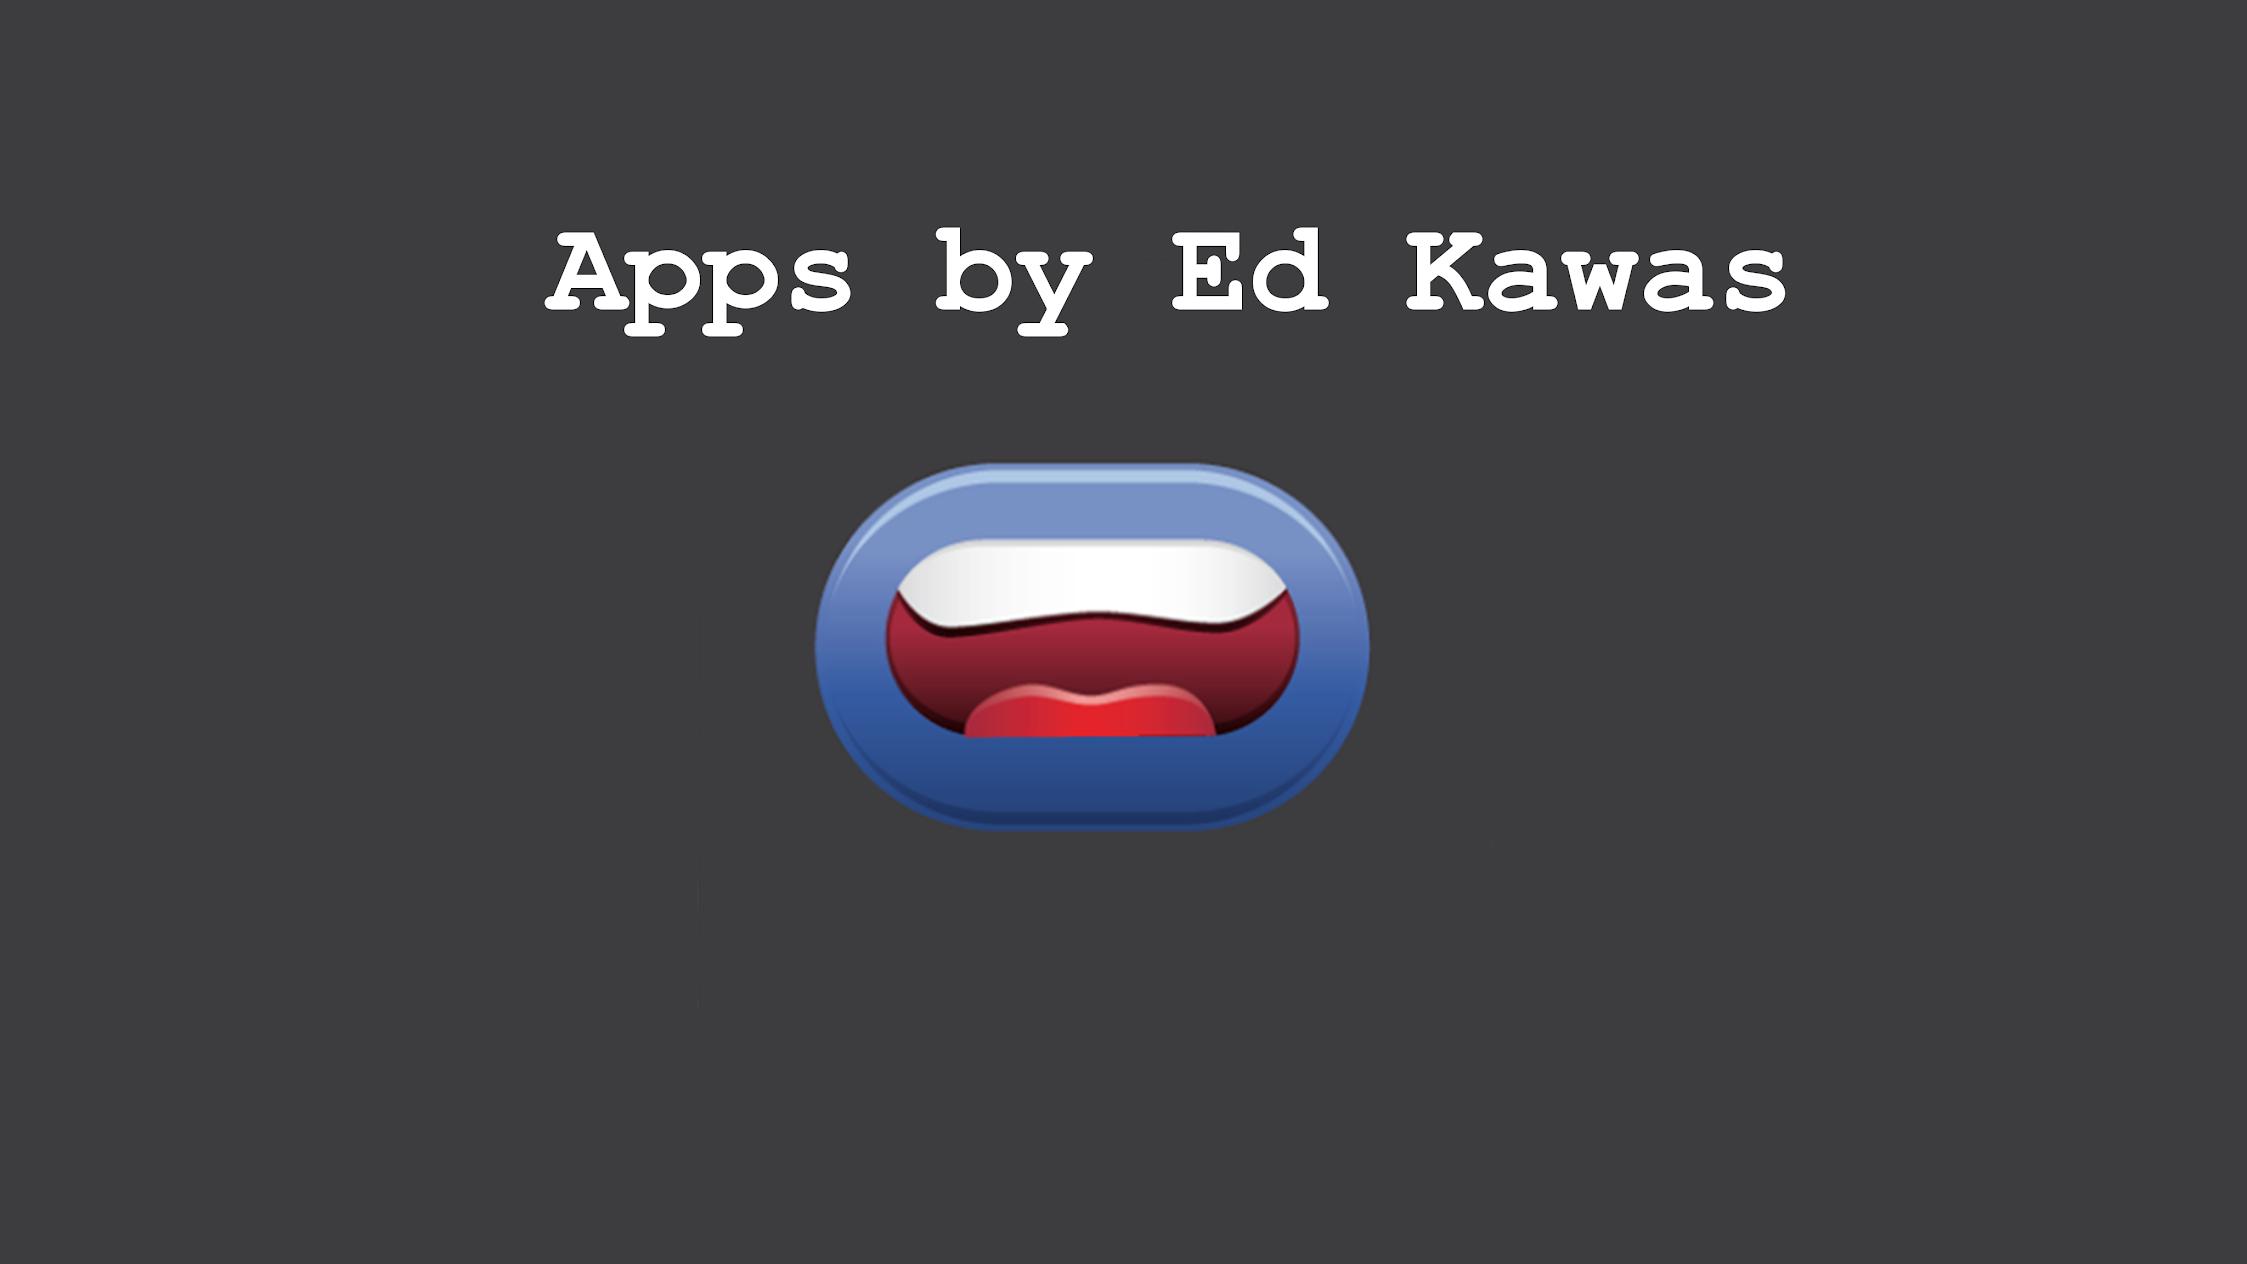 Ed Kawas